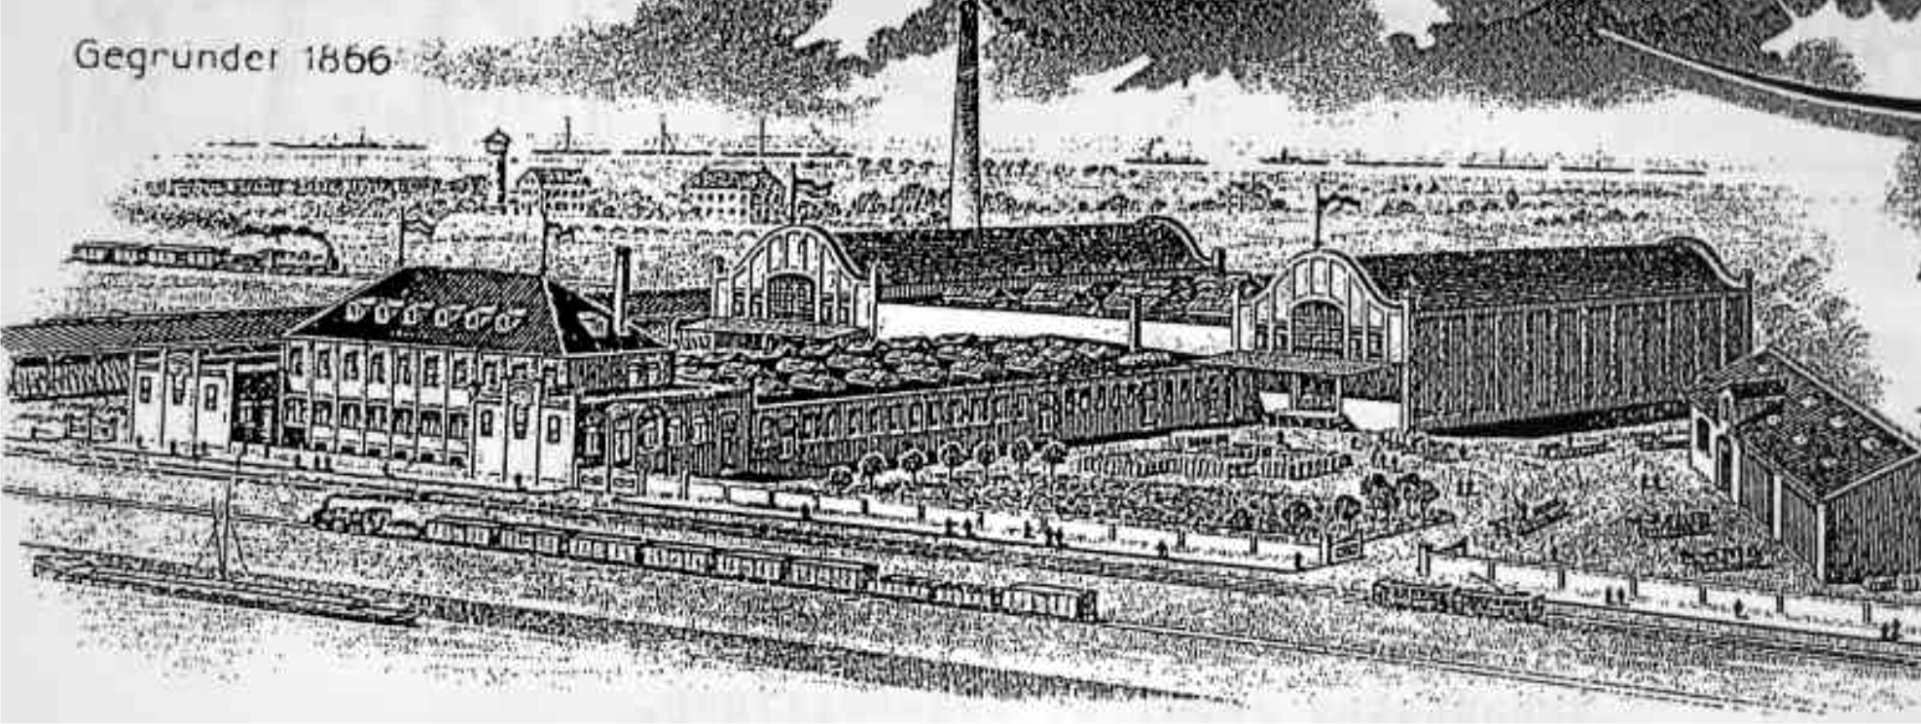 Sackfabrik Blumenstein am Industriehafen 1912